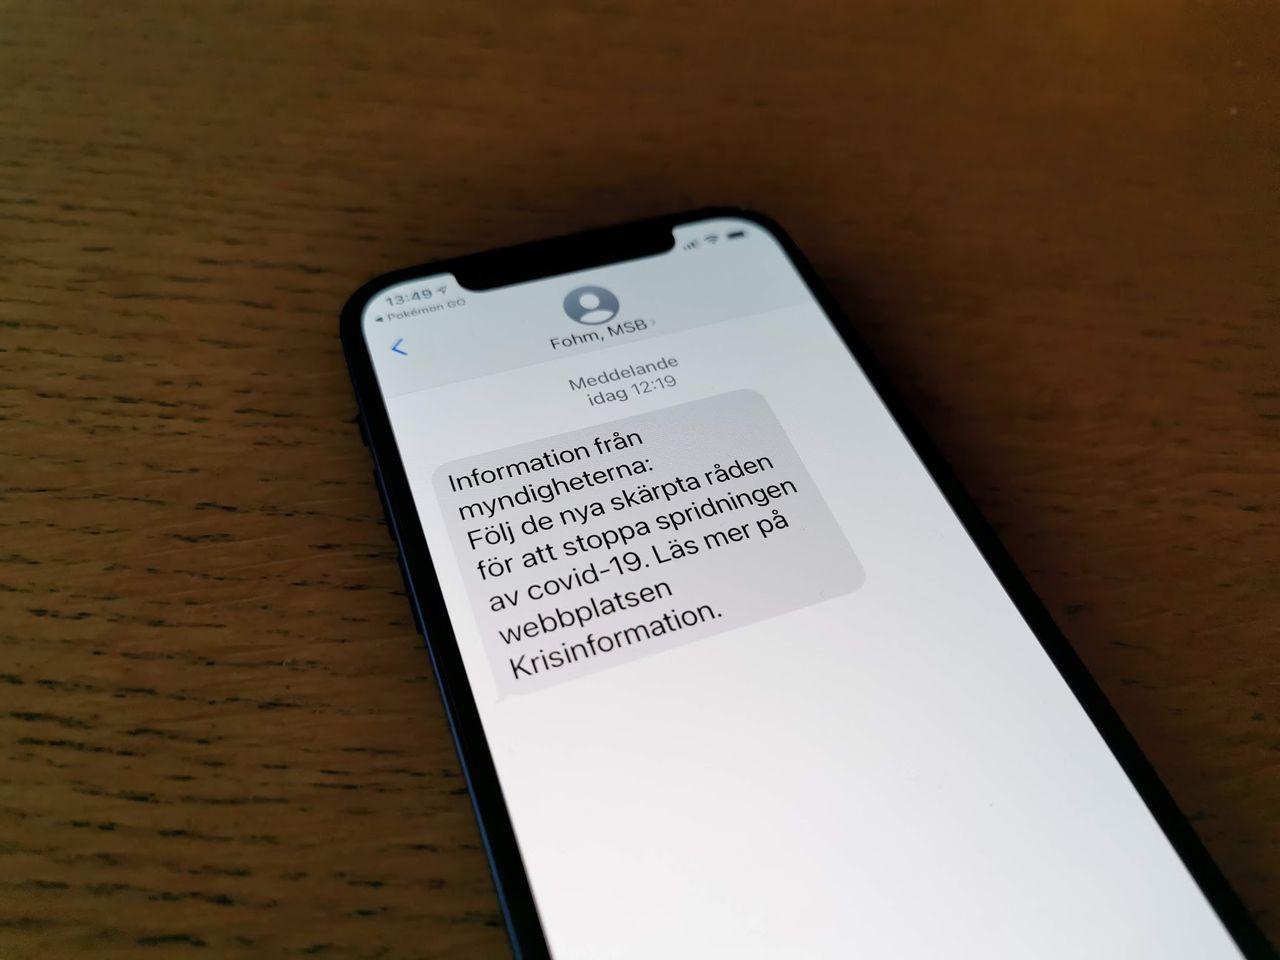 Nu har Folkhälsomyndigheten skickat ut sitt första mass-SMS